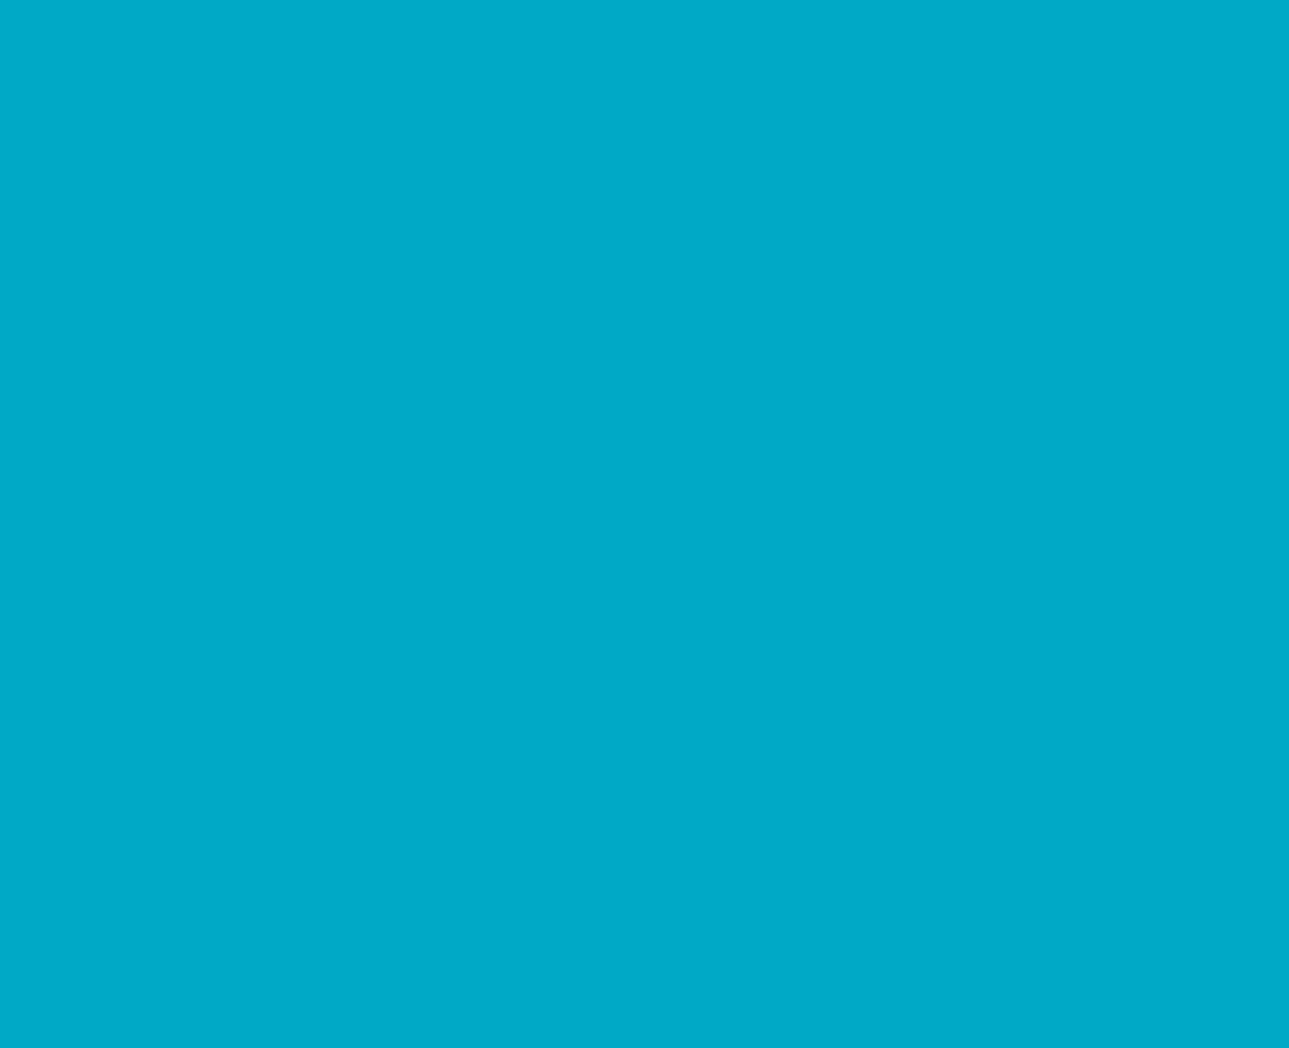 Logo for Sysdig